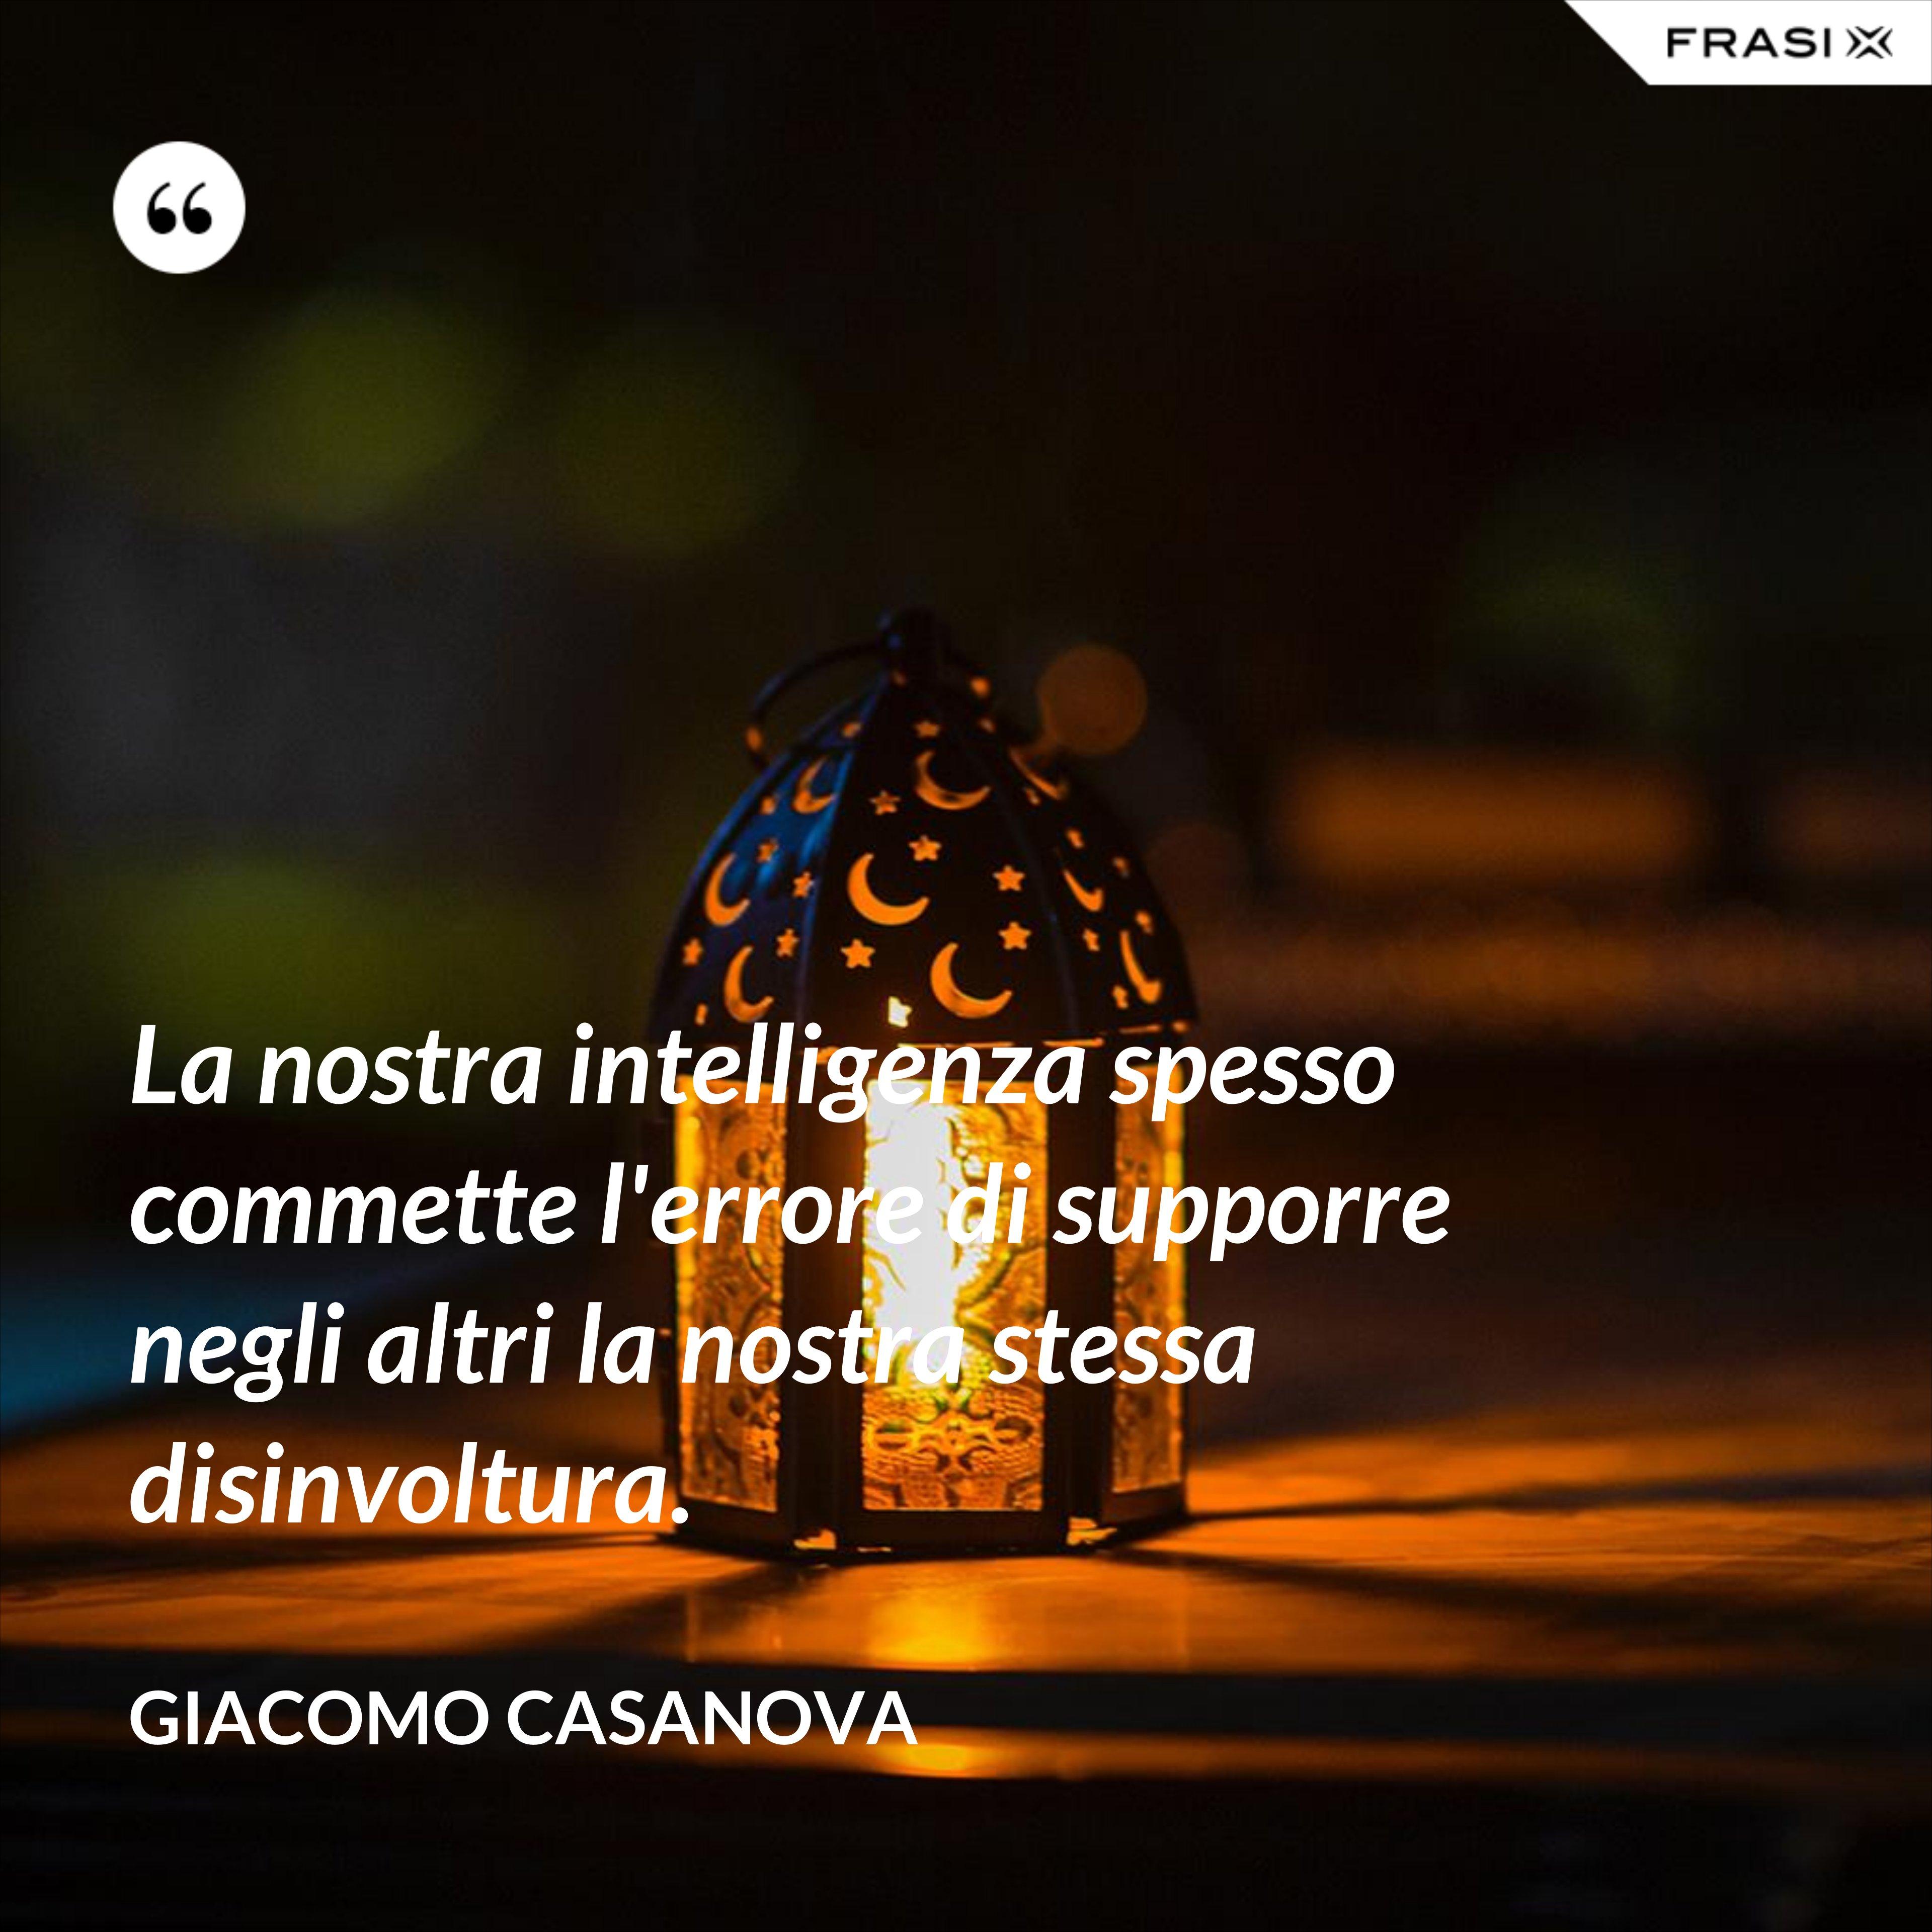 La nostra intelligenza spesso commette l'errore di supporre negli altri la nostra stessa disinvoltura. - Giacomo Casanova